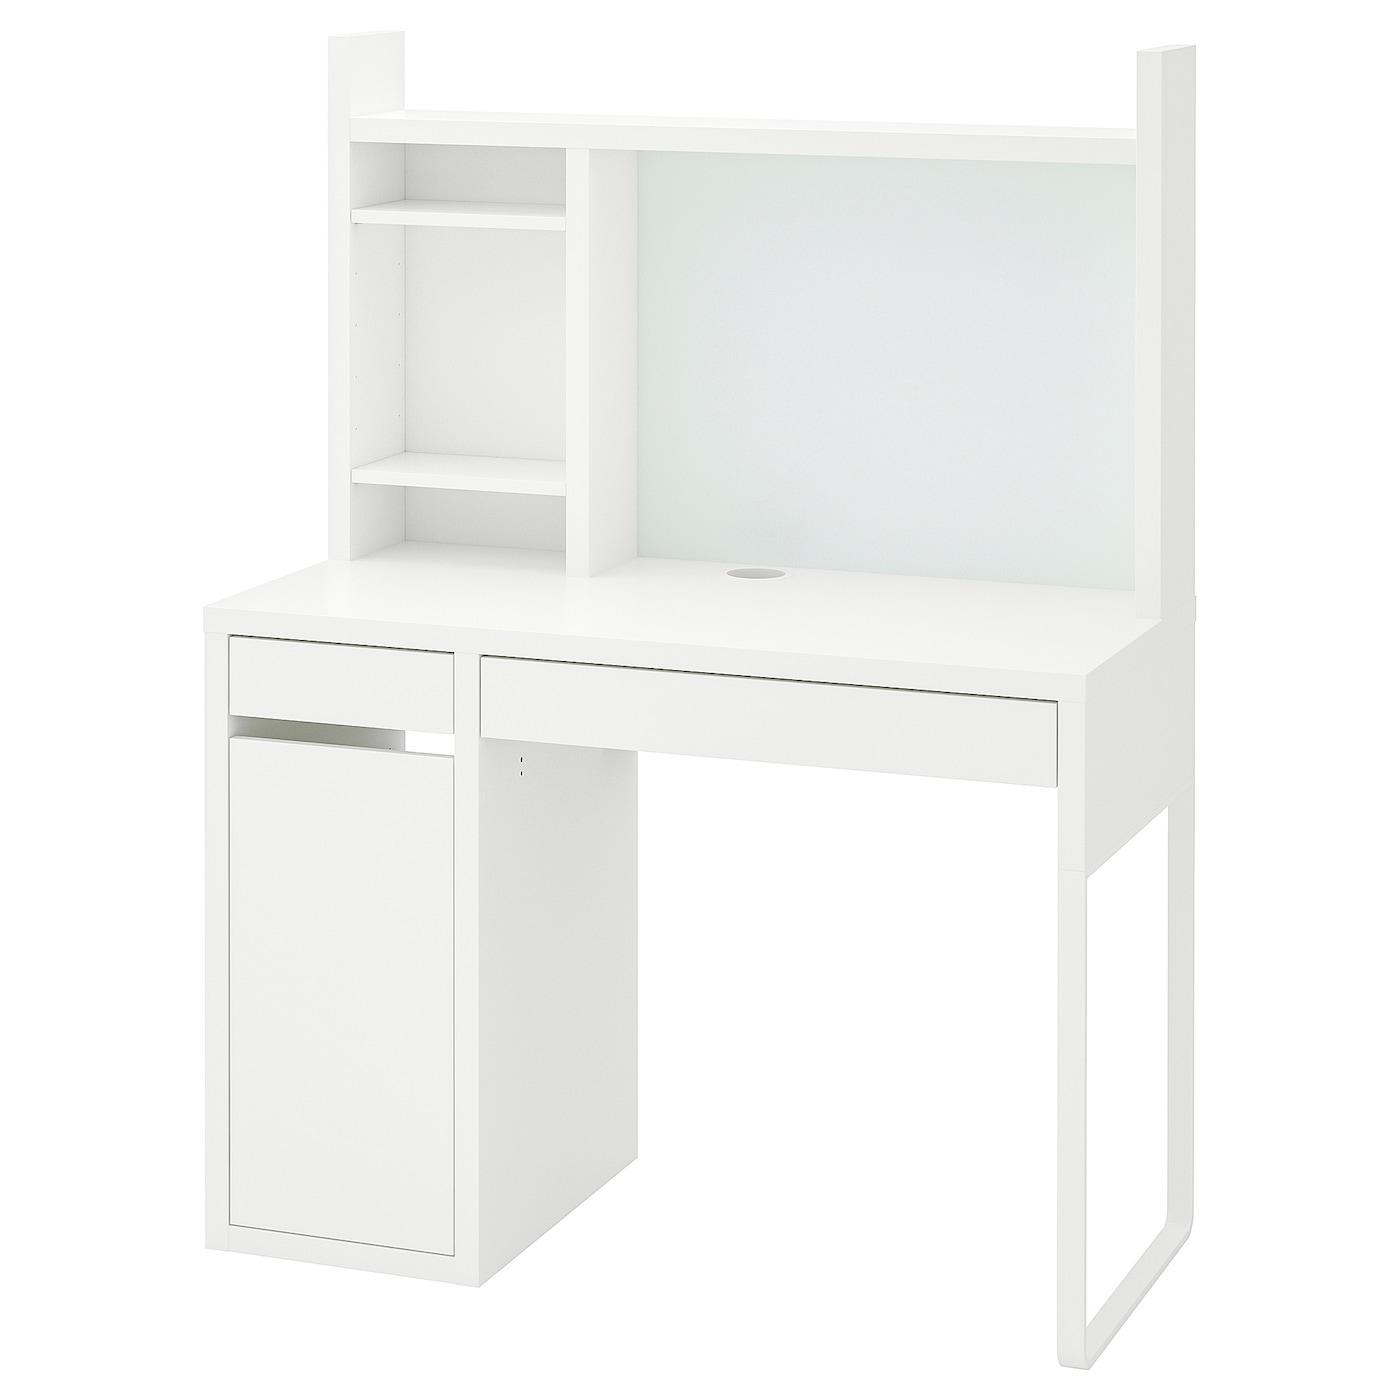 SKRIVBORD med HURTS, ställbart i höjd, IKEA. Möbler Bord